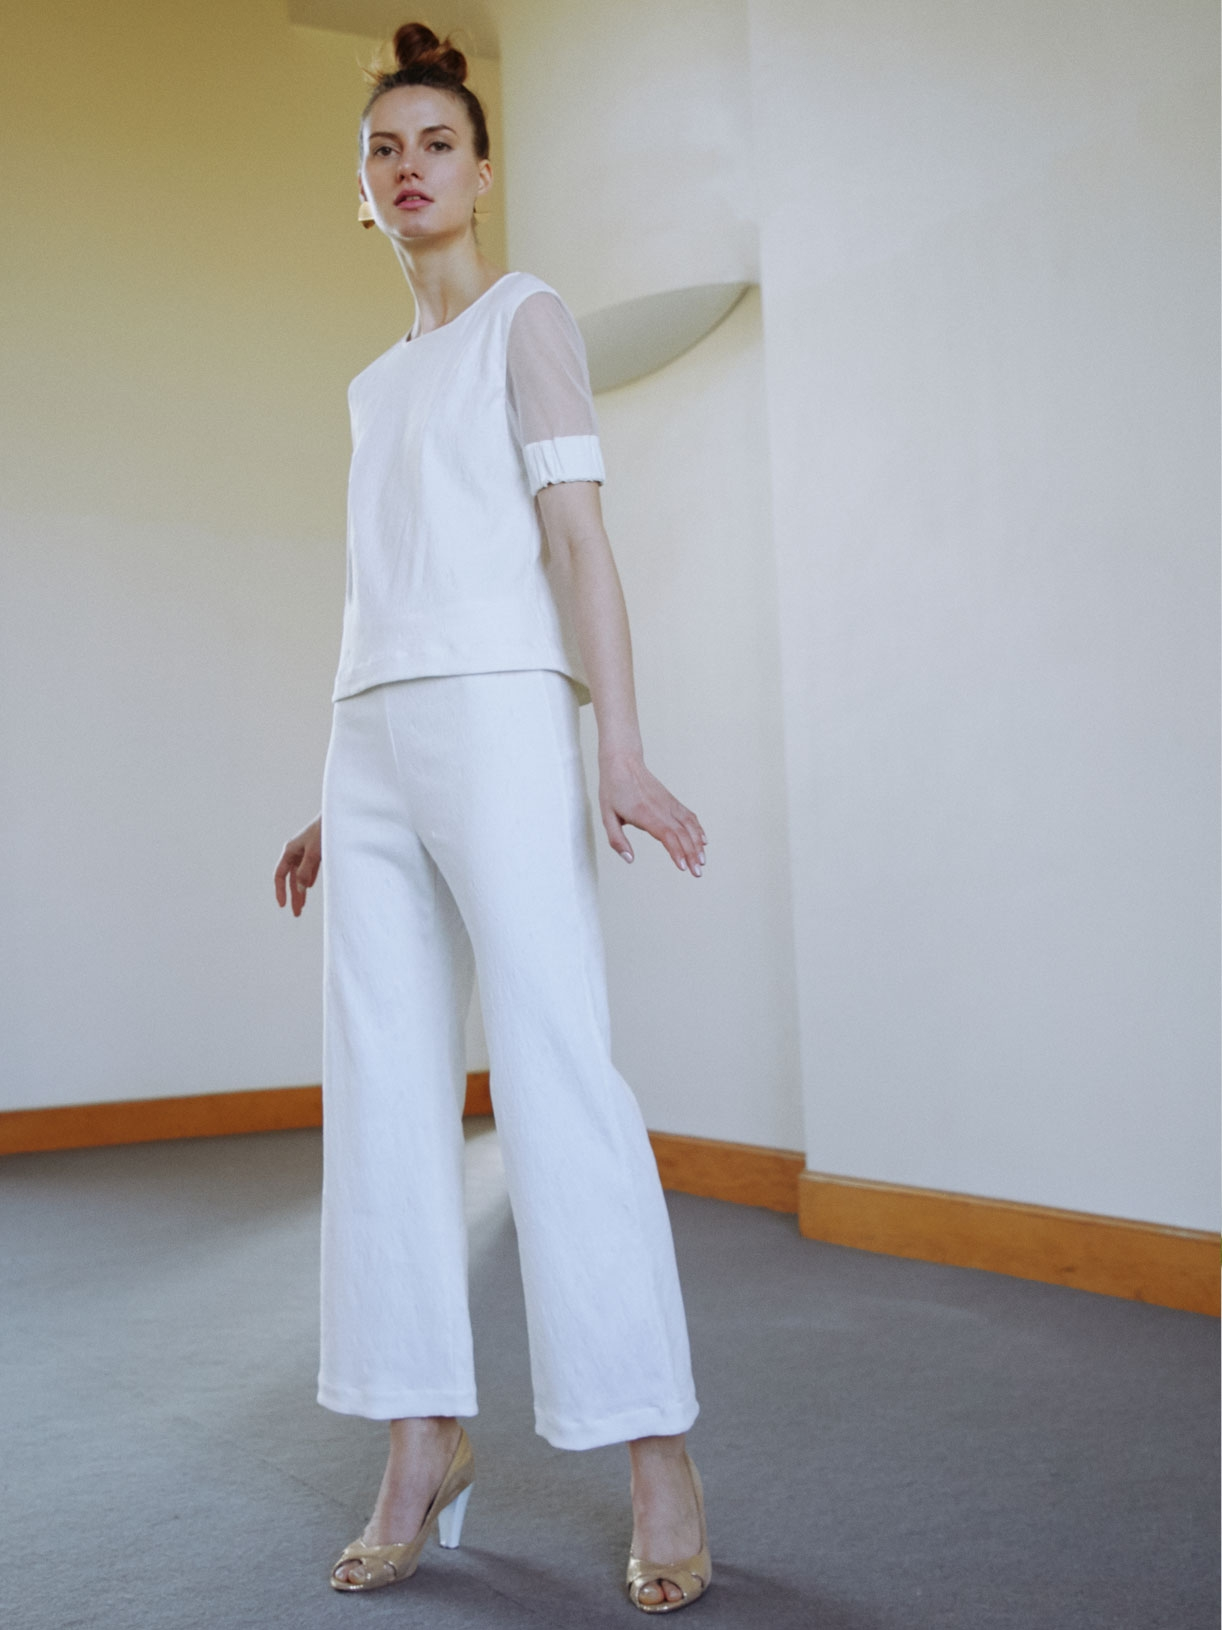 TAM - Pantalon tailleur de mariée blanc flare et large - Créatrice de robes de mariée sur-mesure éthique et bio sur Paris - Myphilosophy